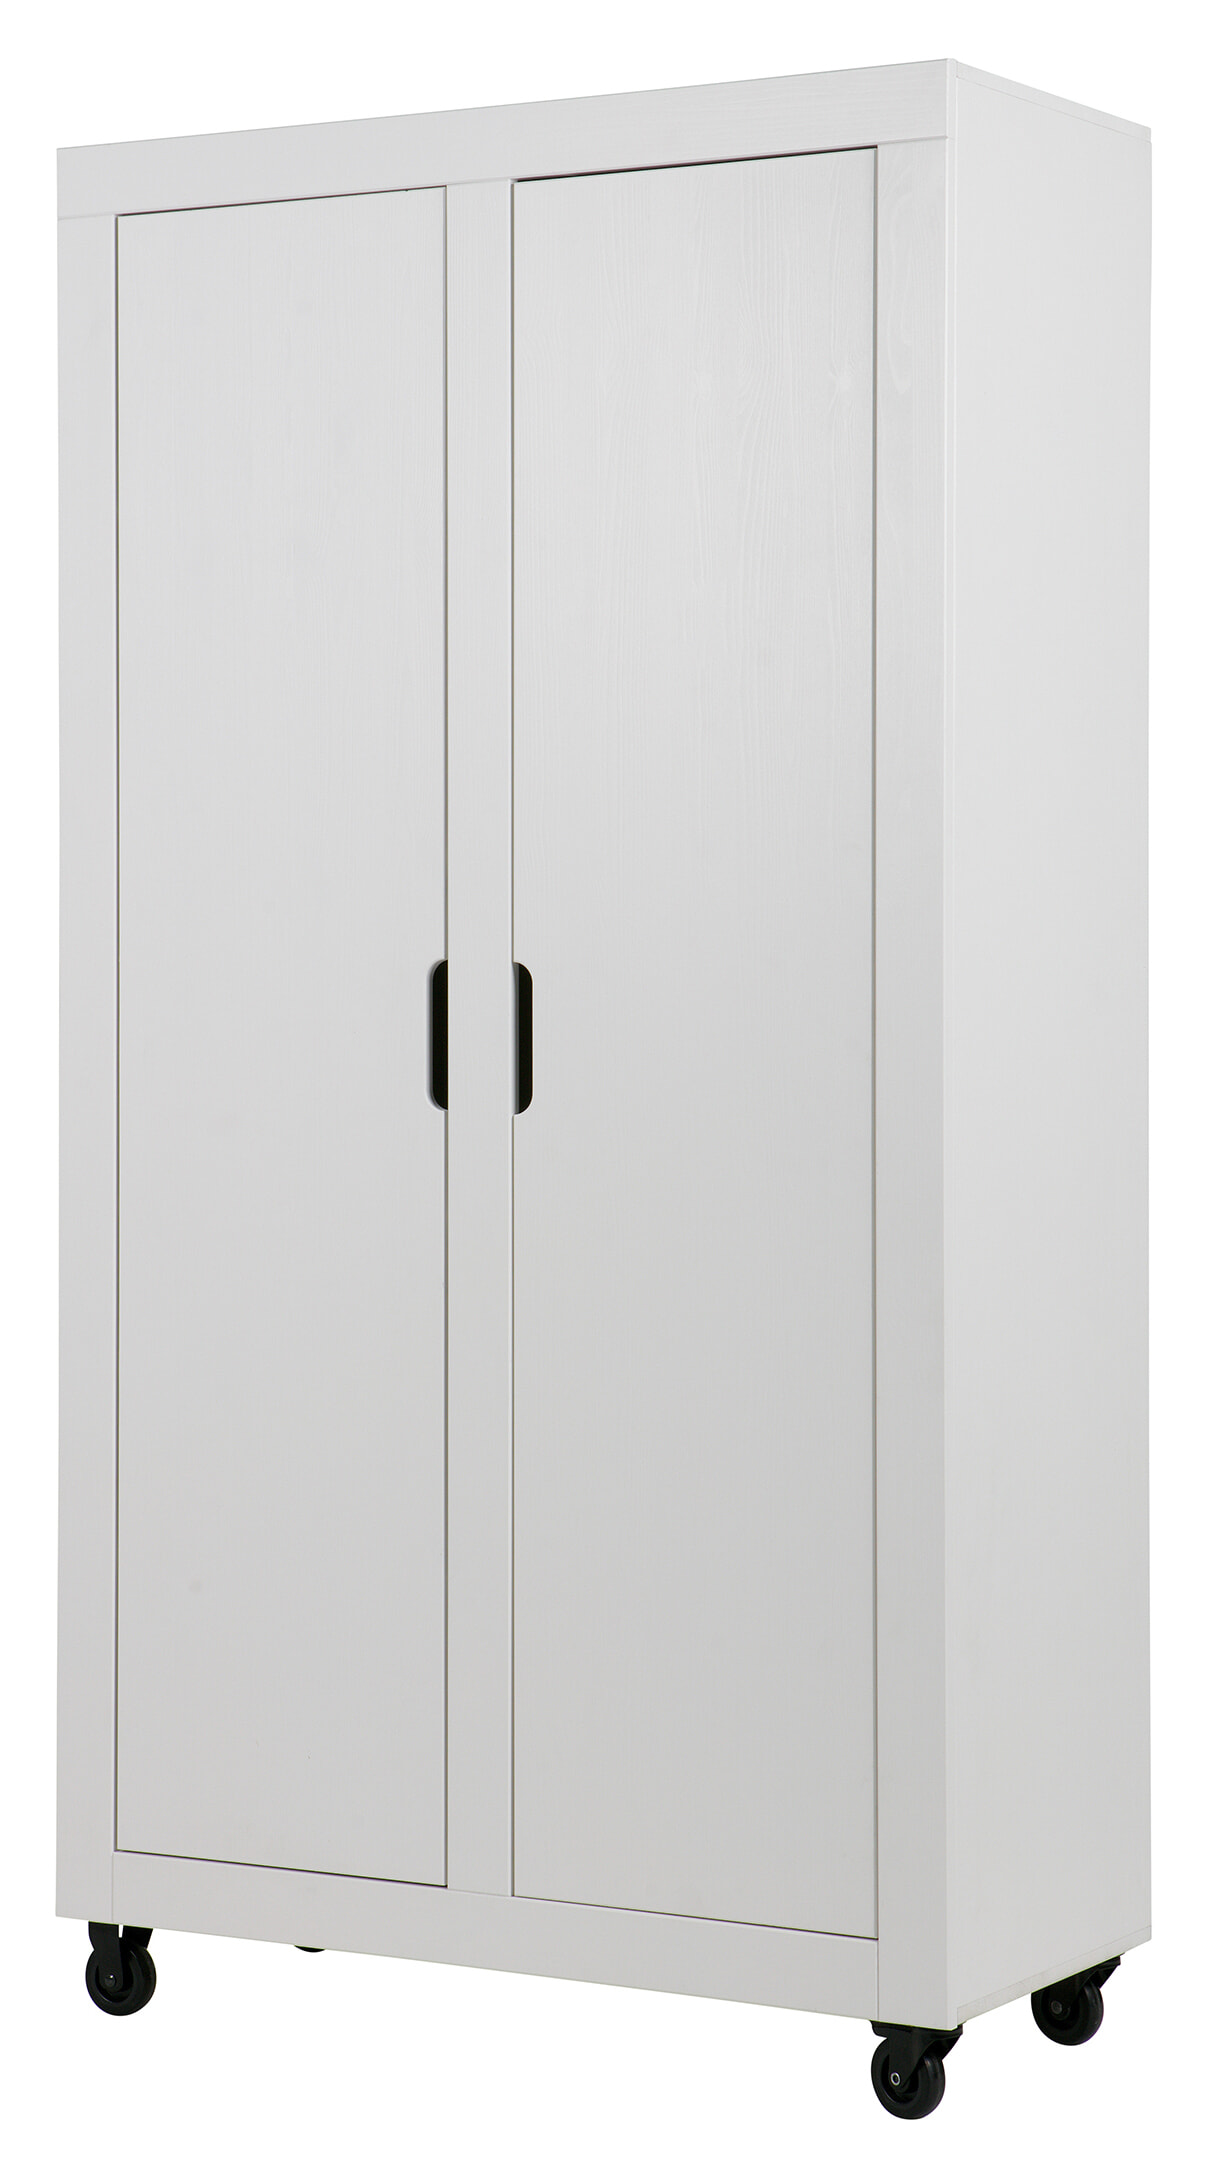 WOOOD OpbergKast 'Elon', kleur Wit Geschuurd Grenenhout, afgewerkt in de kleur wit aanschaffen? Kijk hier!